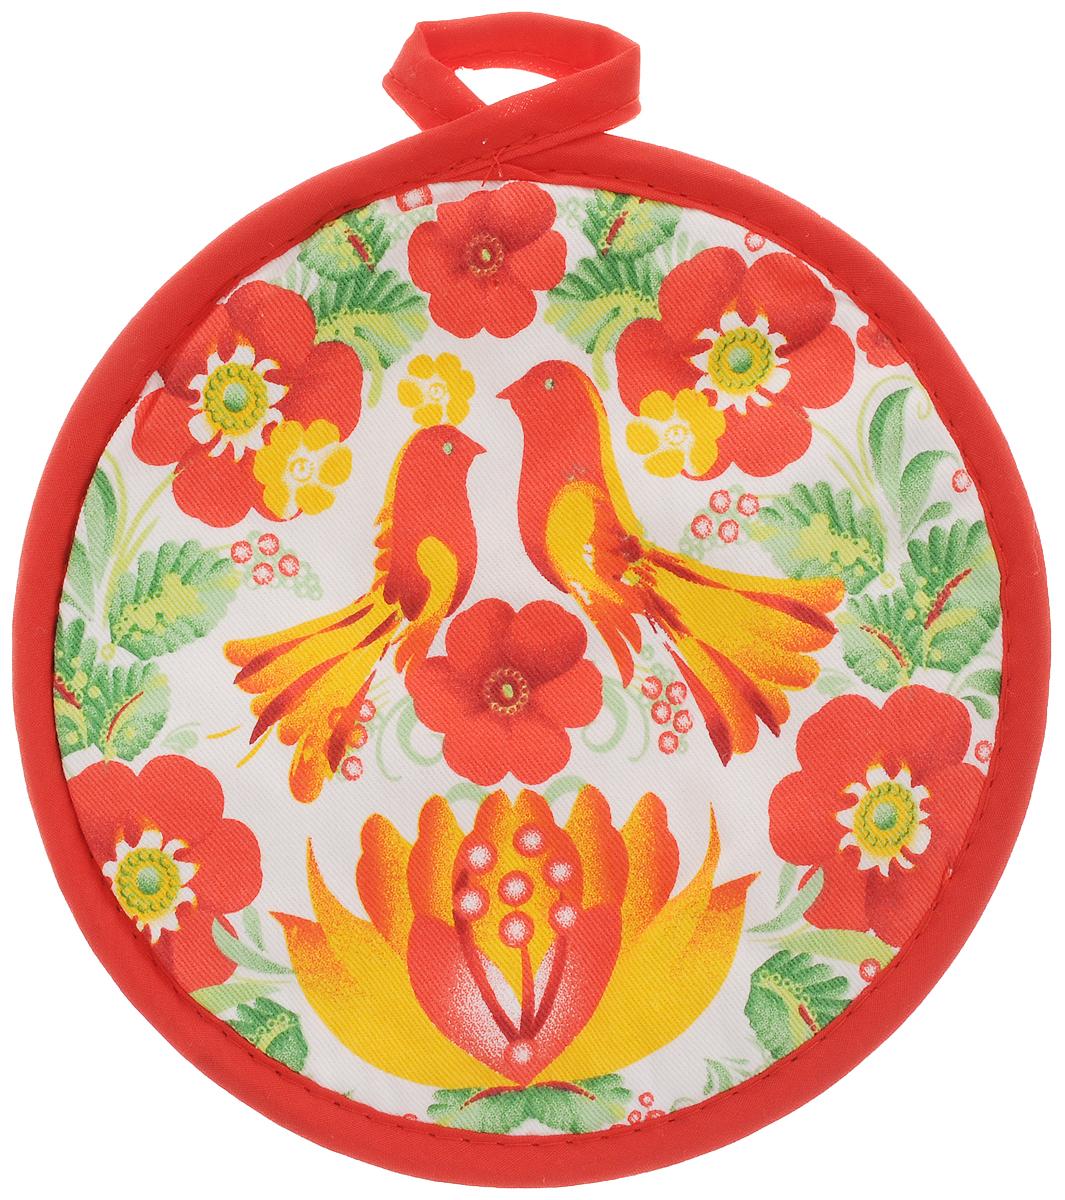 Прихватка Bonita Жар-птица, диаметр 18 см51798Прихватка Bonita выполнена из натурального хлопка и декорирована оригинальным рисунком. Изделие оснащено специальной петелькой, за которую его можно подвесить на крючок в любом удобном для вас месте. Такая прихватка красиво дополнит интерьер кухни.